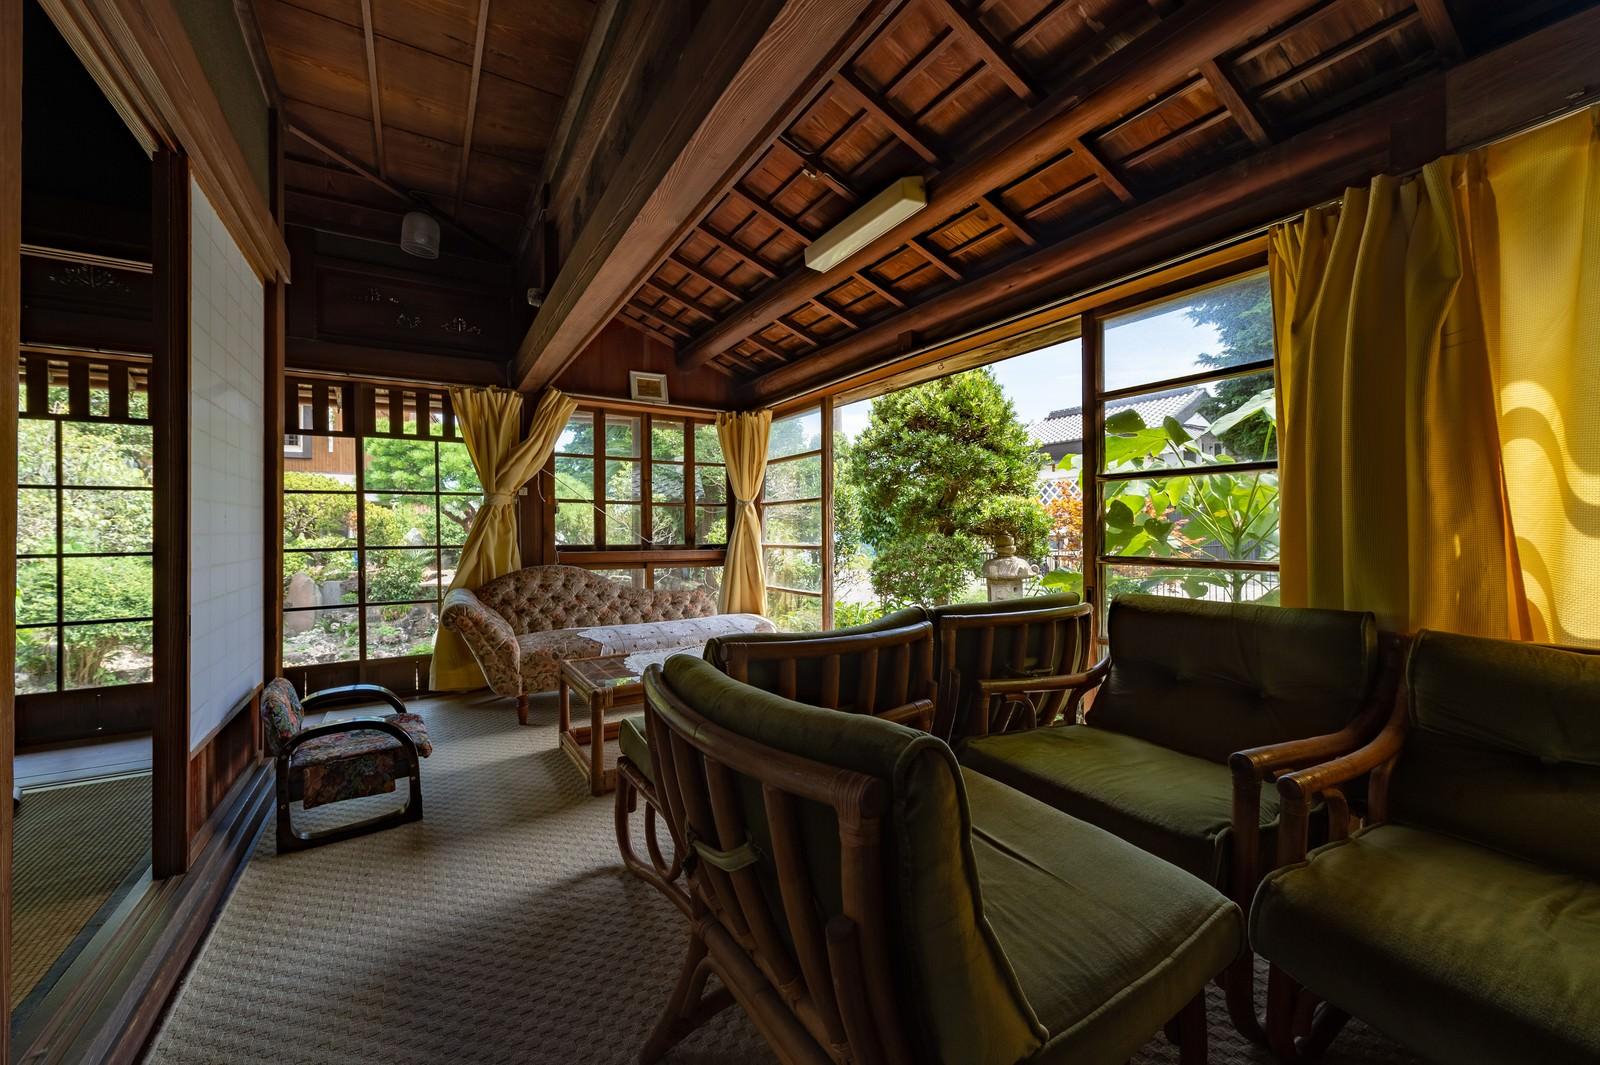 「旧寿屋本家のサンルーム(千葉県一宮町)」の写真